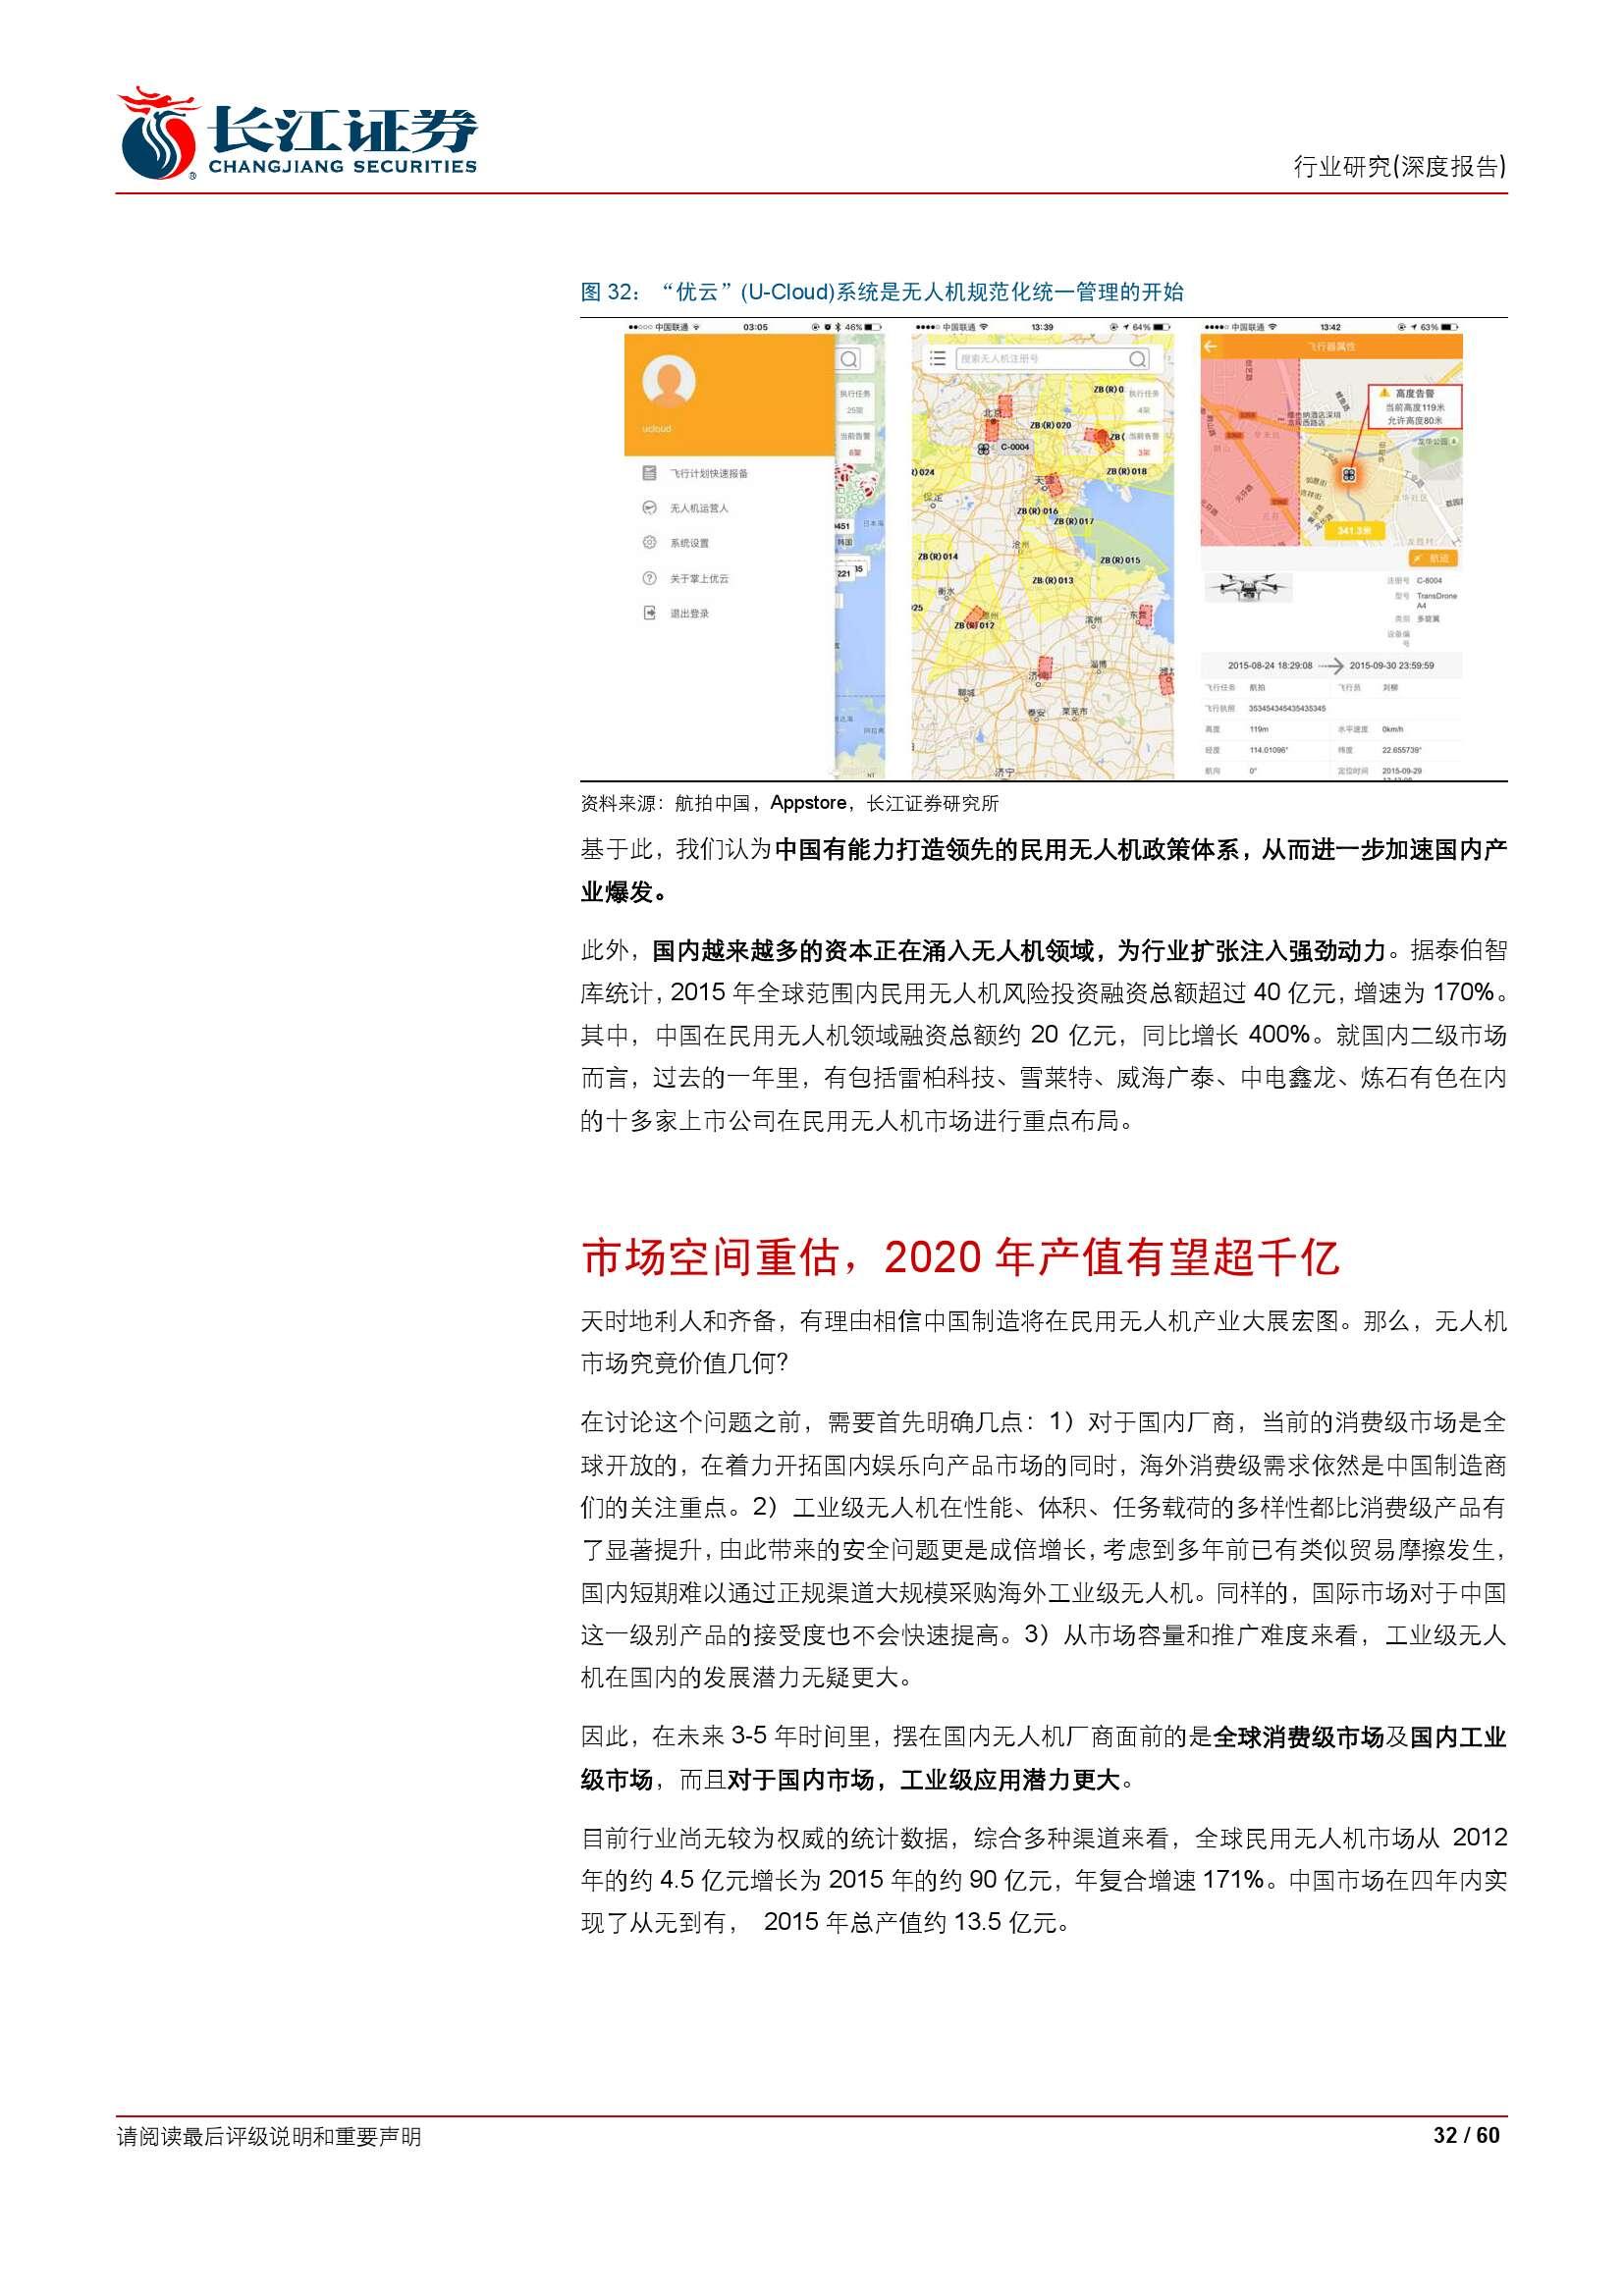 民用无人机行业深度报告_000032